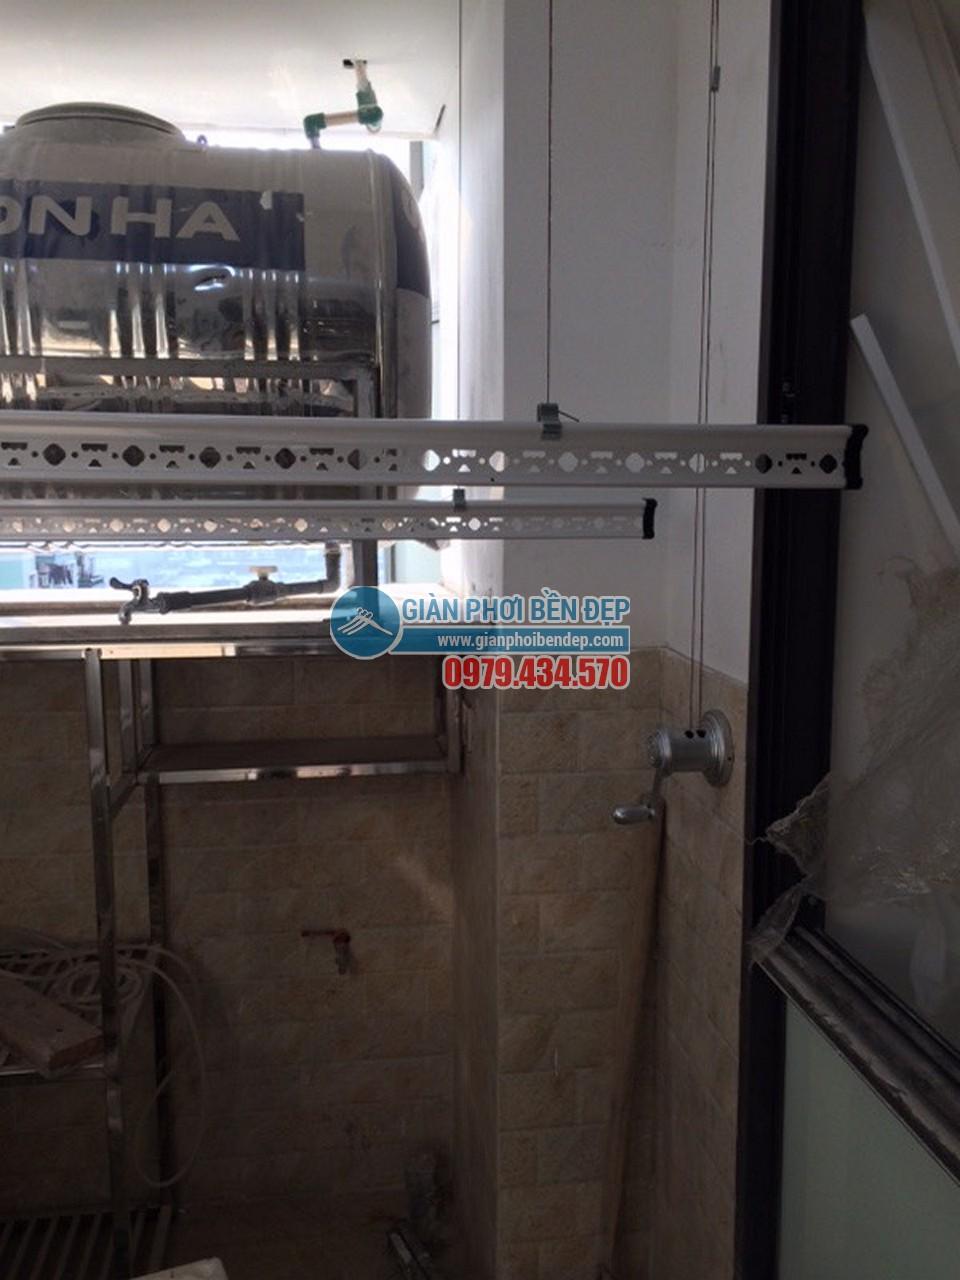 Lắp đặt giàn phơi thông minh tại khu trần giật cấp nhà chị Linh, Tòa HH4 Linh Đàm - 07